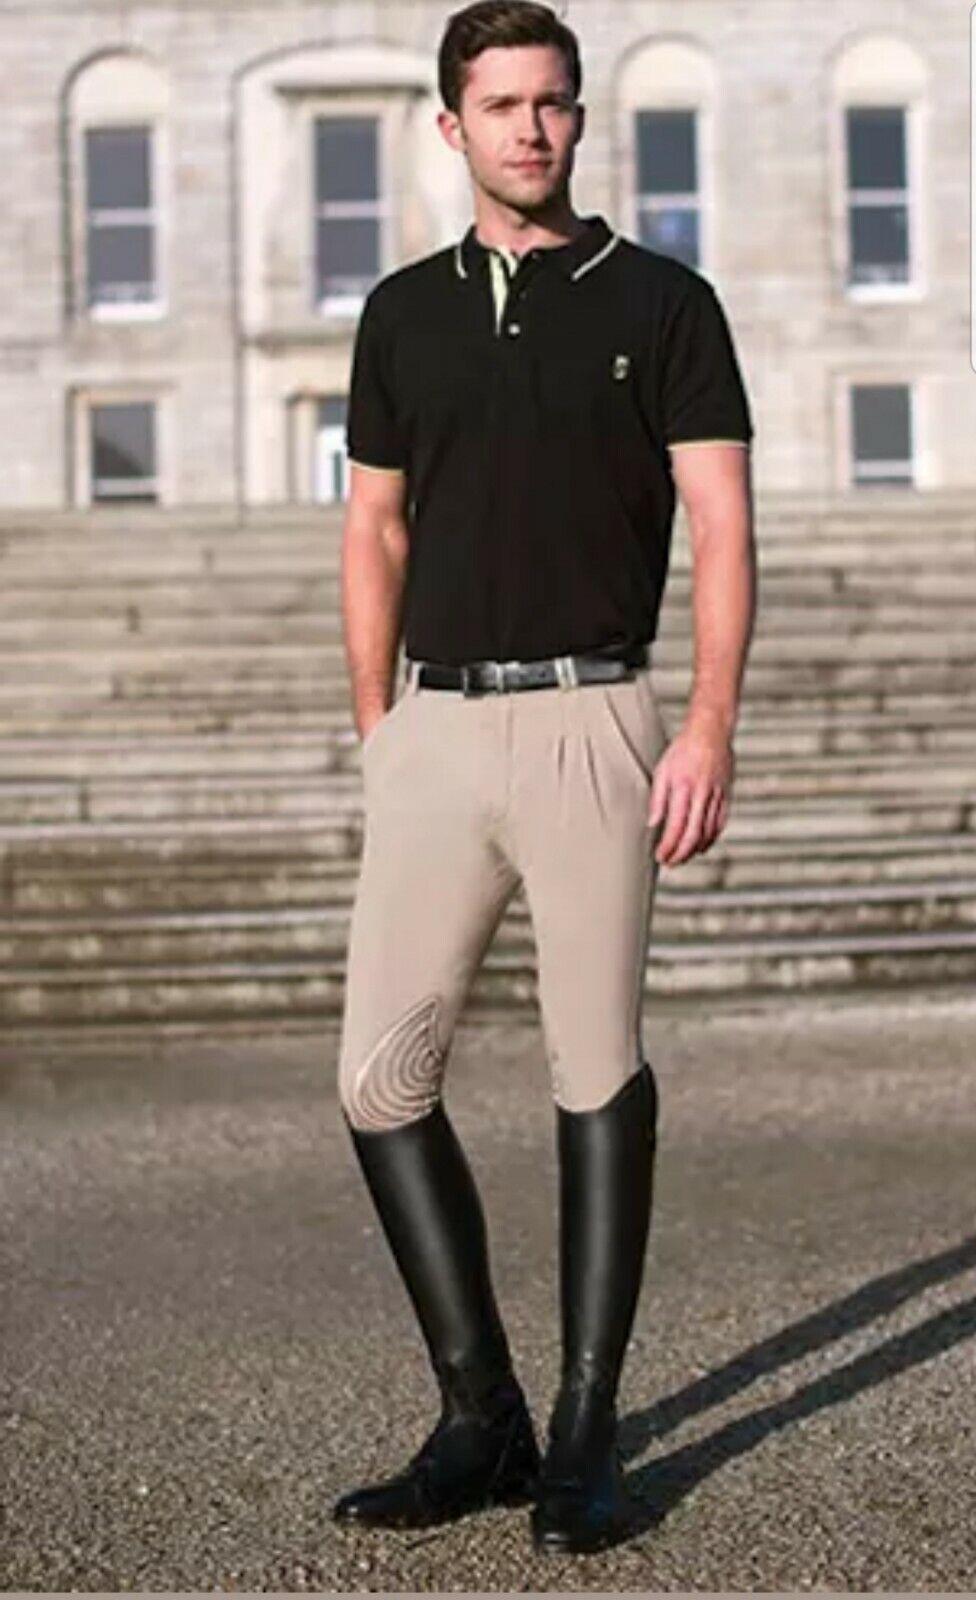 Trossostep SYMPHONY azzura 2 Pantaloni da uomo 30 Nuovo con etichette